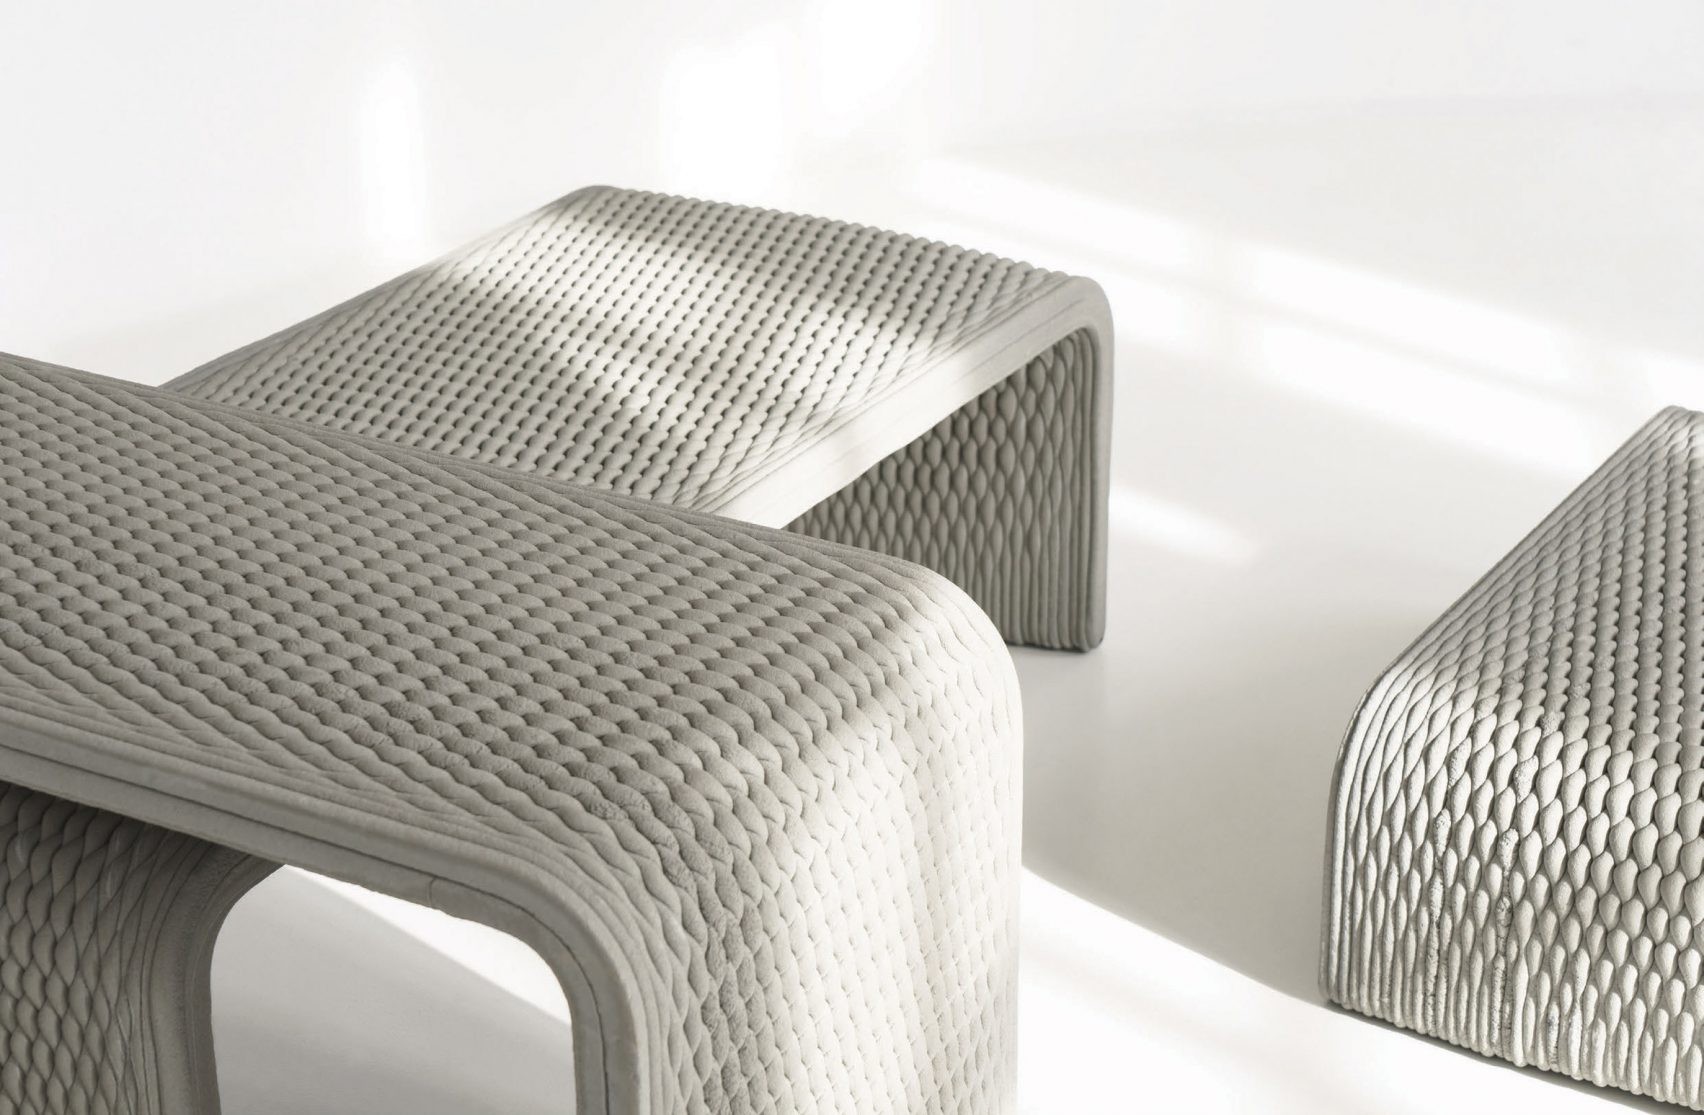 سه نیمکت پرینت سه بعدی شده با بافت موجی و U شکل